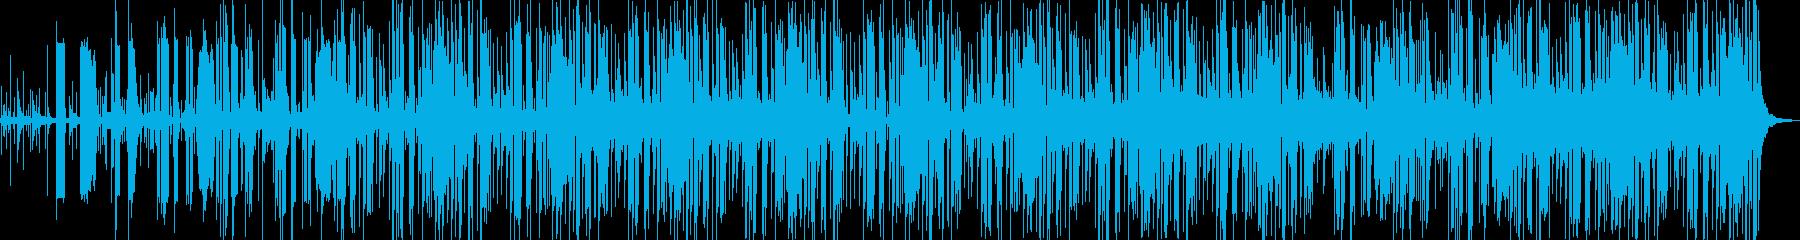 エスニック系のエレクトロポップの再生済みの波形